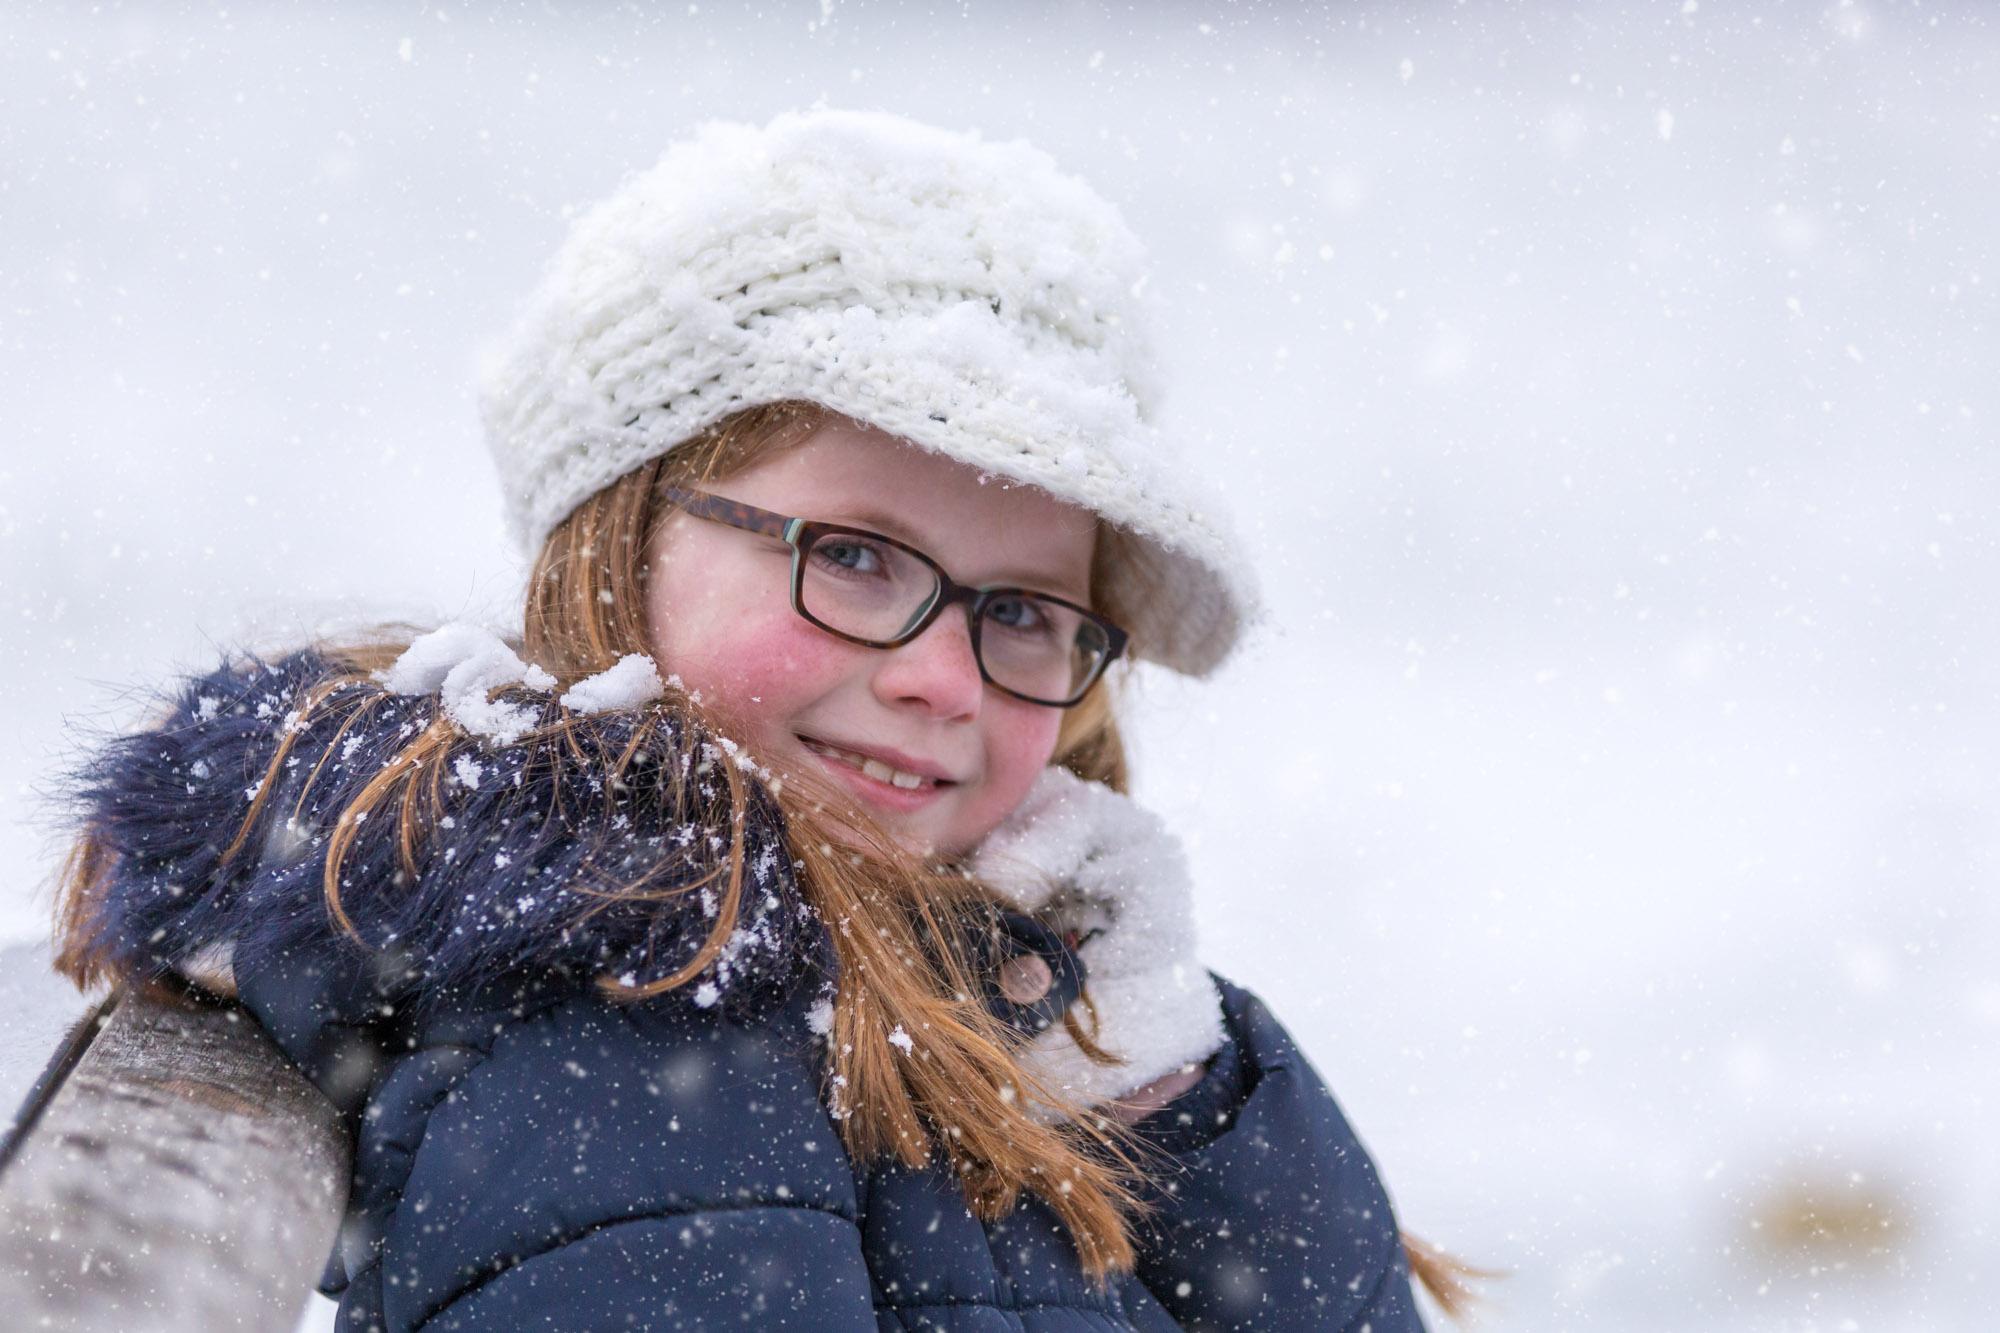 kind portret van meisje in de sneeuw door mayrafotografie